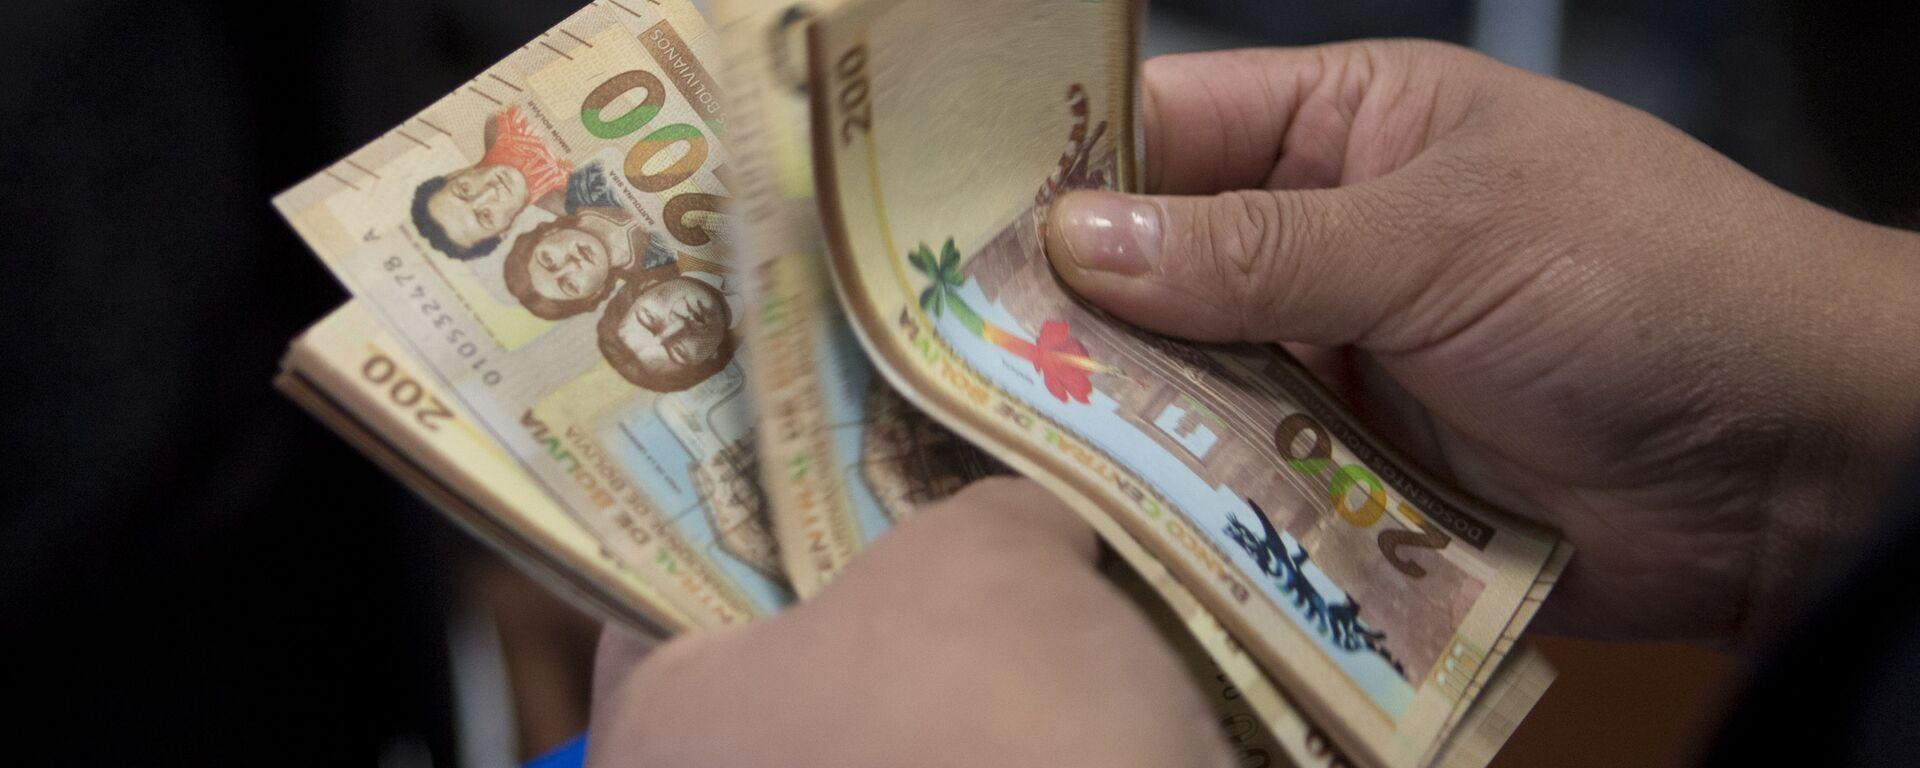 Billetes de 200 bolivianos - Sputnik Mundo, 1920, 25.08.2021